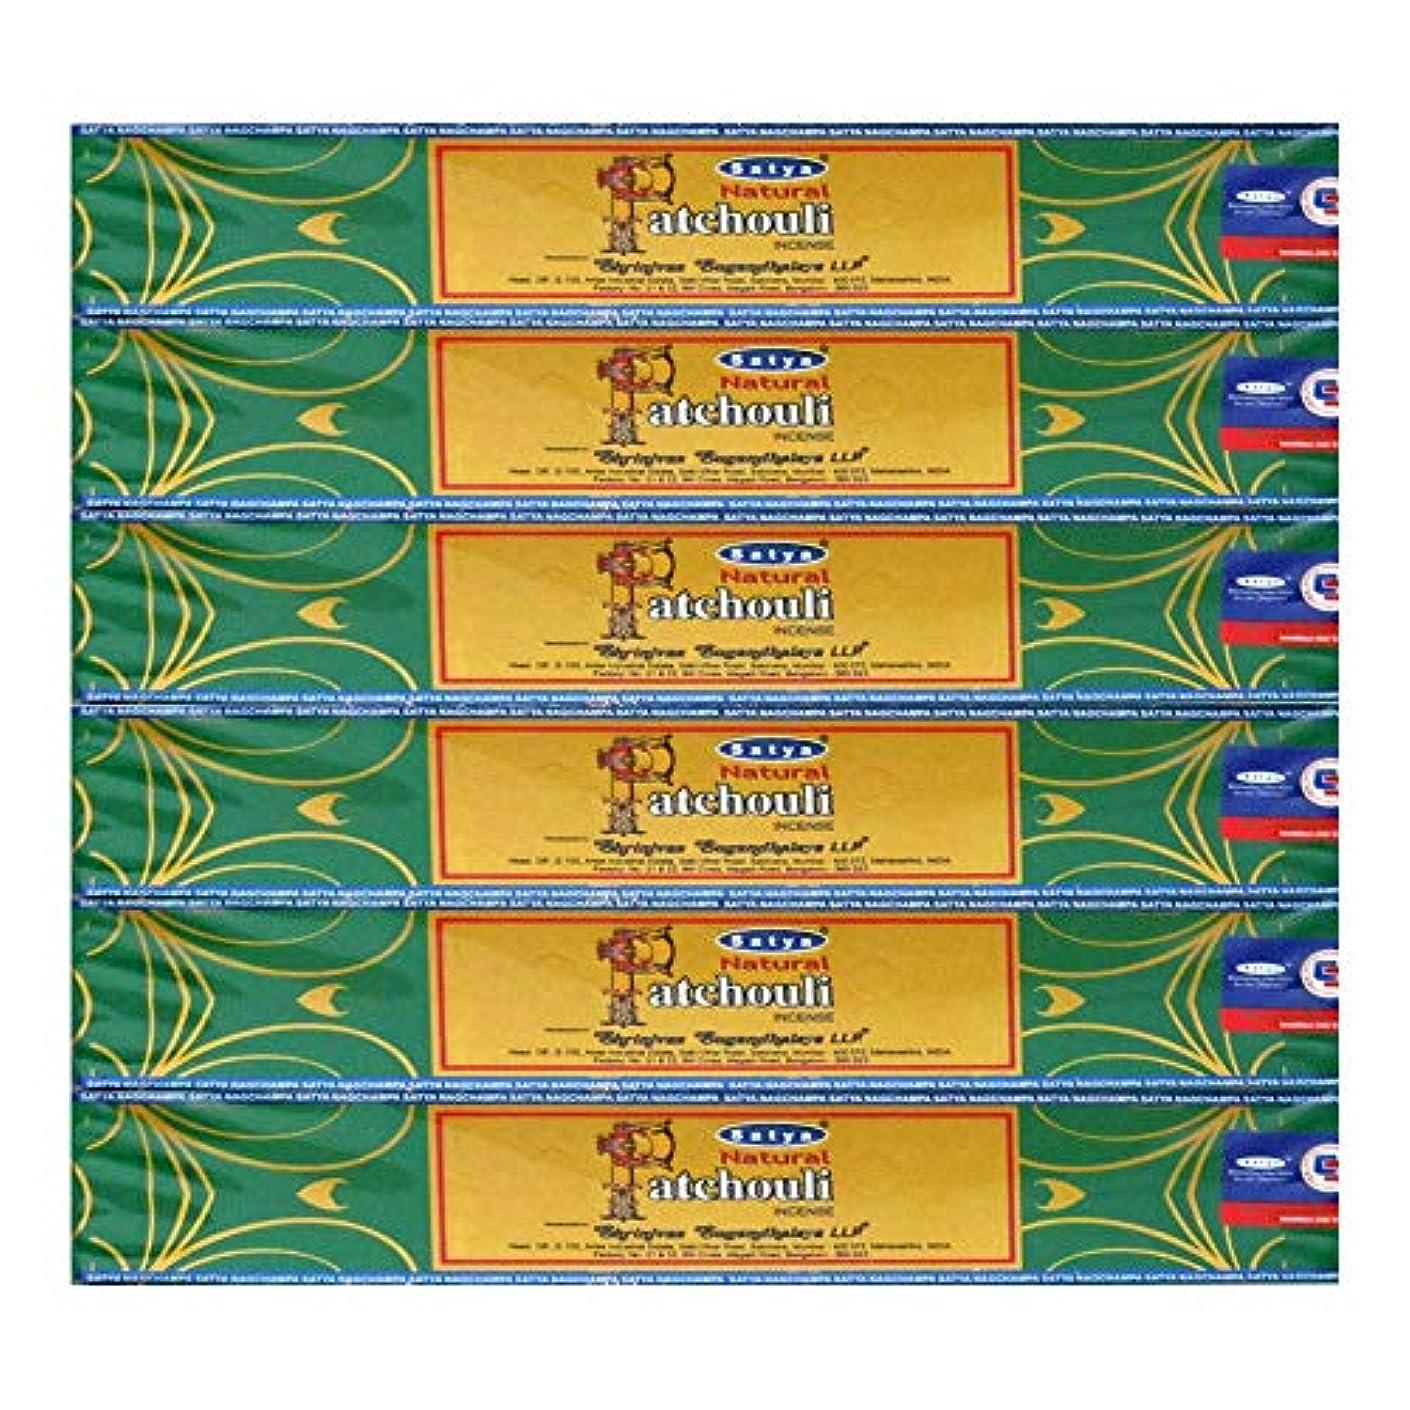 裁判所拾うほんのSatya 天然パチョリ アガーバティ お香箱6本パック 各15グラム 伝統的にインドで手作り 祈り/瞑想/ヨガ/リラクゼーション/ポジティビティ/平和のための自然な香りのキャンドル